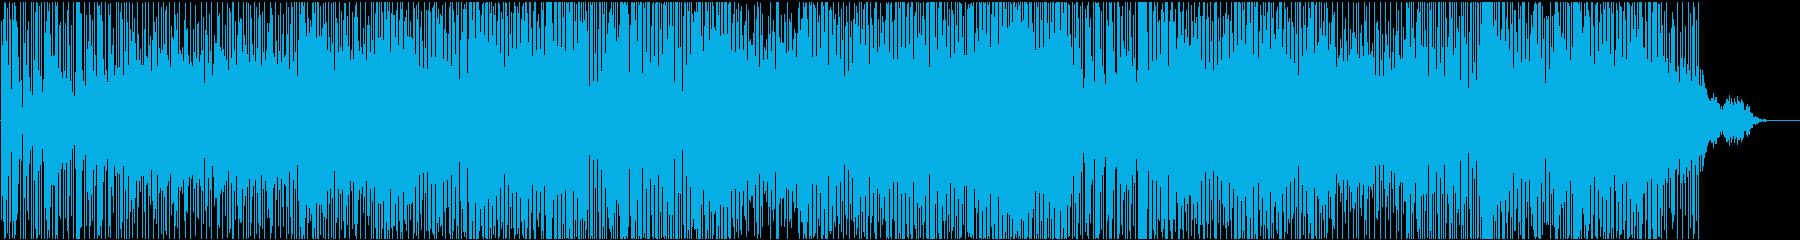 エモーショナル系エレクトロニカ、力強い音の再生済みの波形